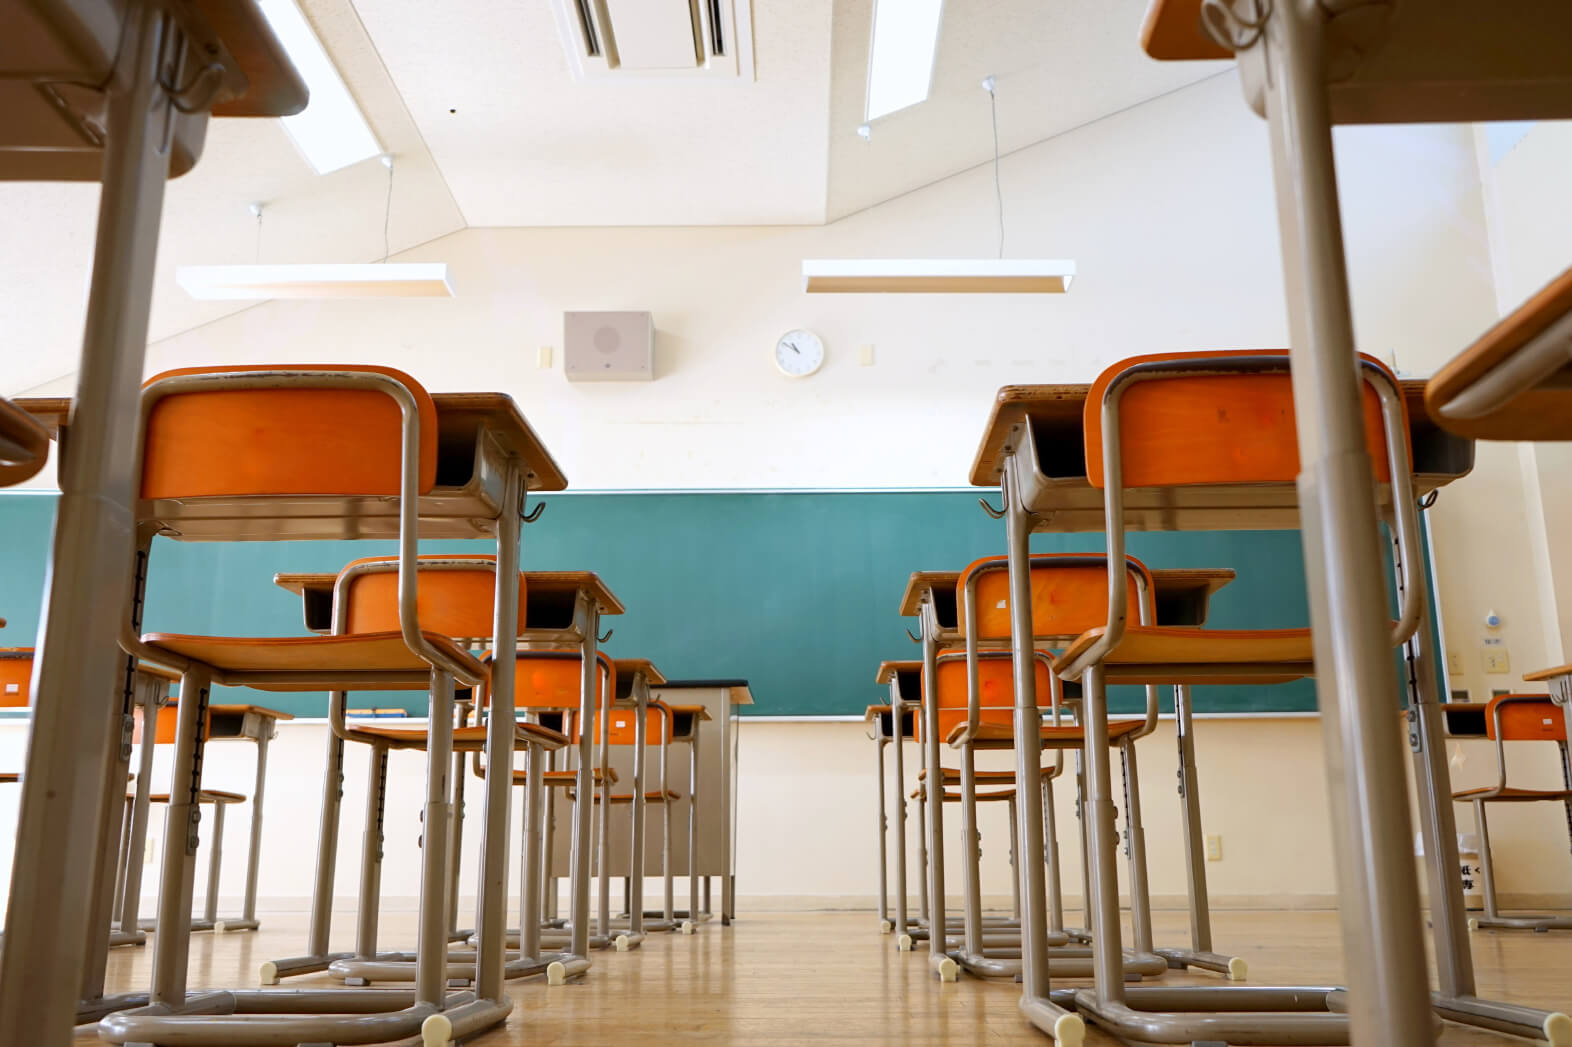 市立南高附属中の驚異的な英語教育、他の市内公立中学へも導入検討へ